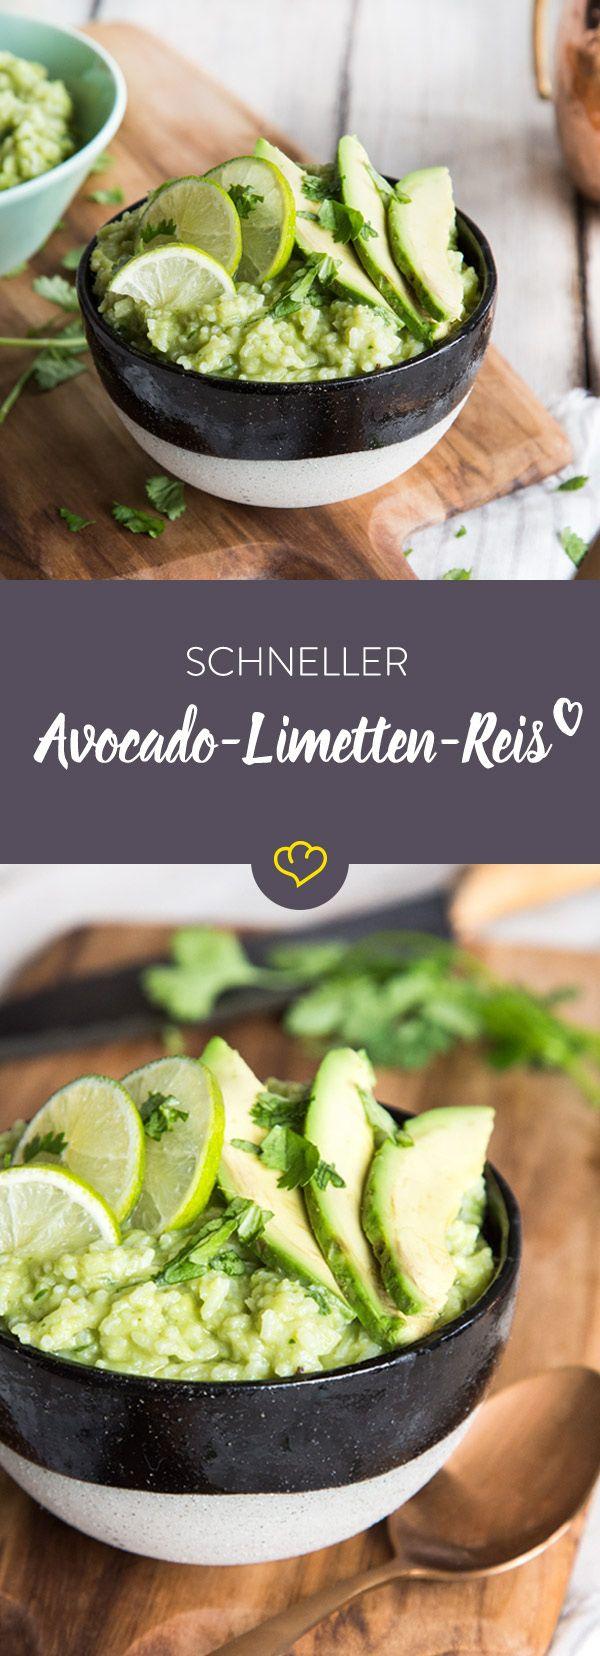 Schneller Avocado-Limetten-Reis #diet